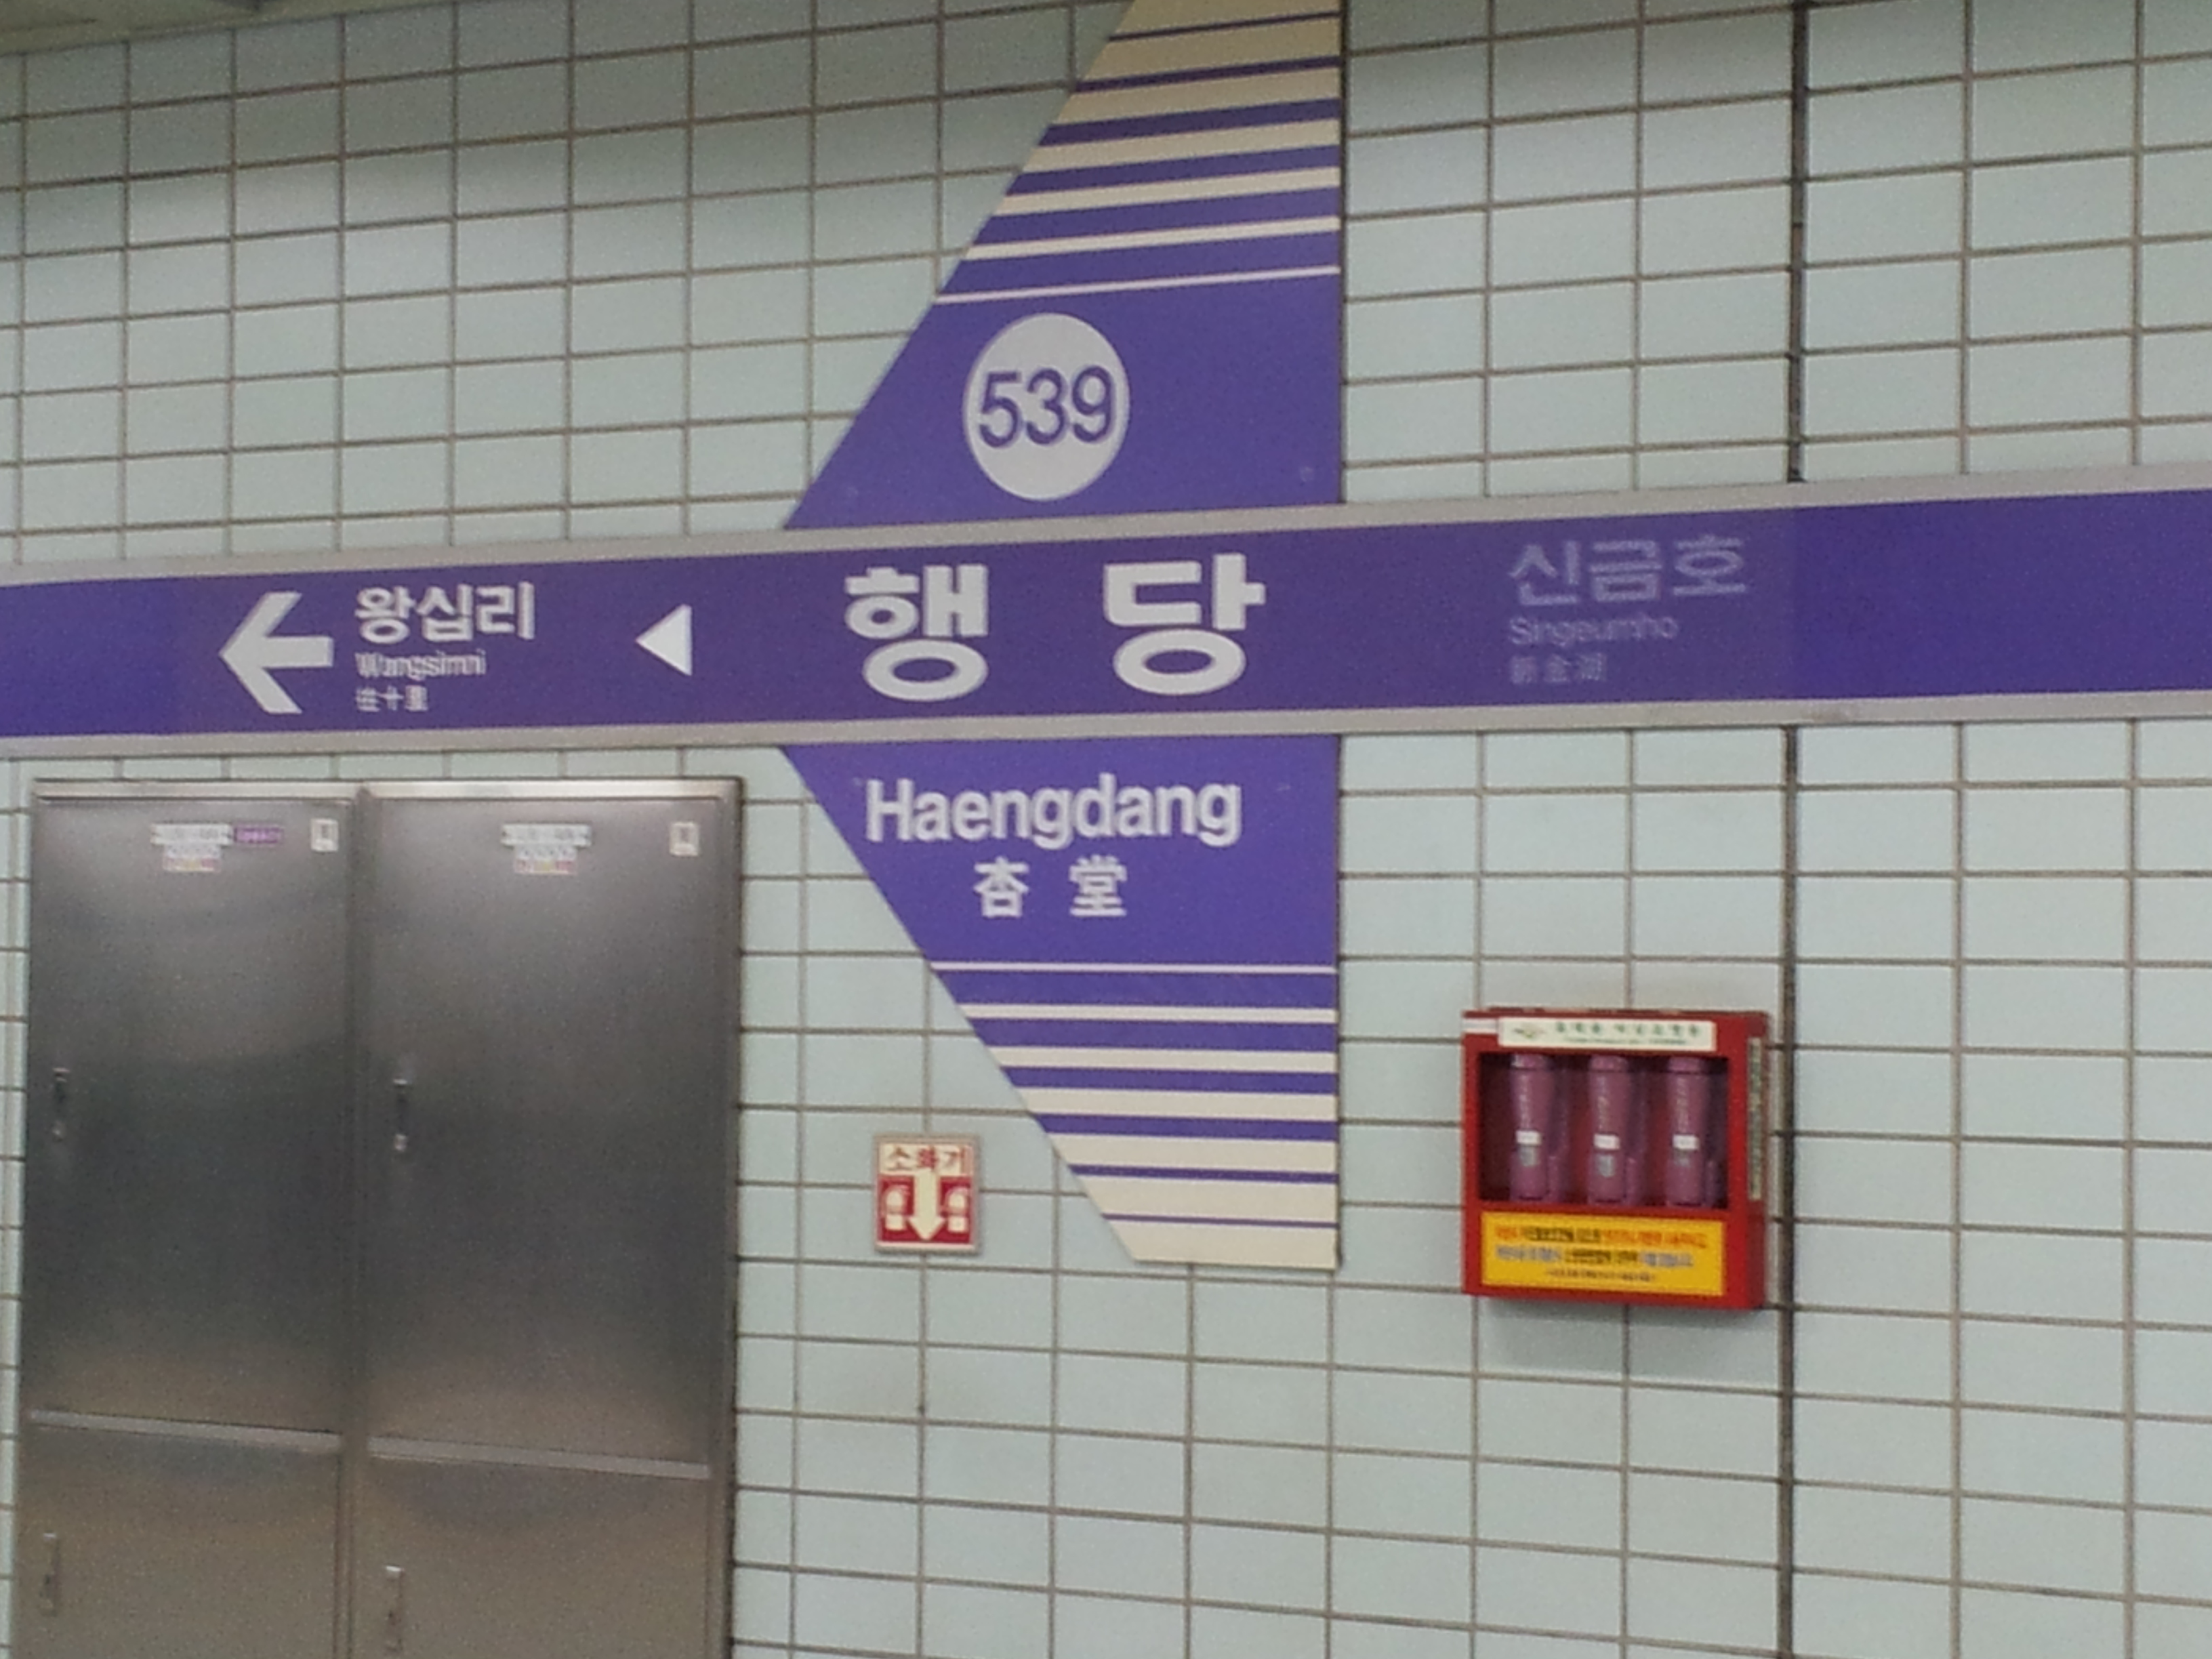 서울 지하철 5호선 행당역